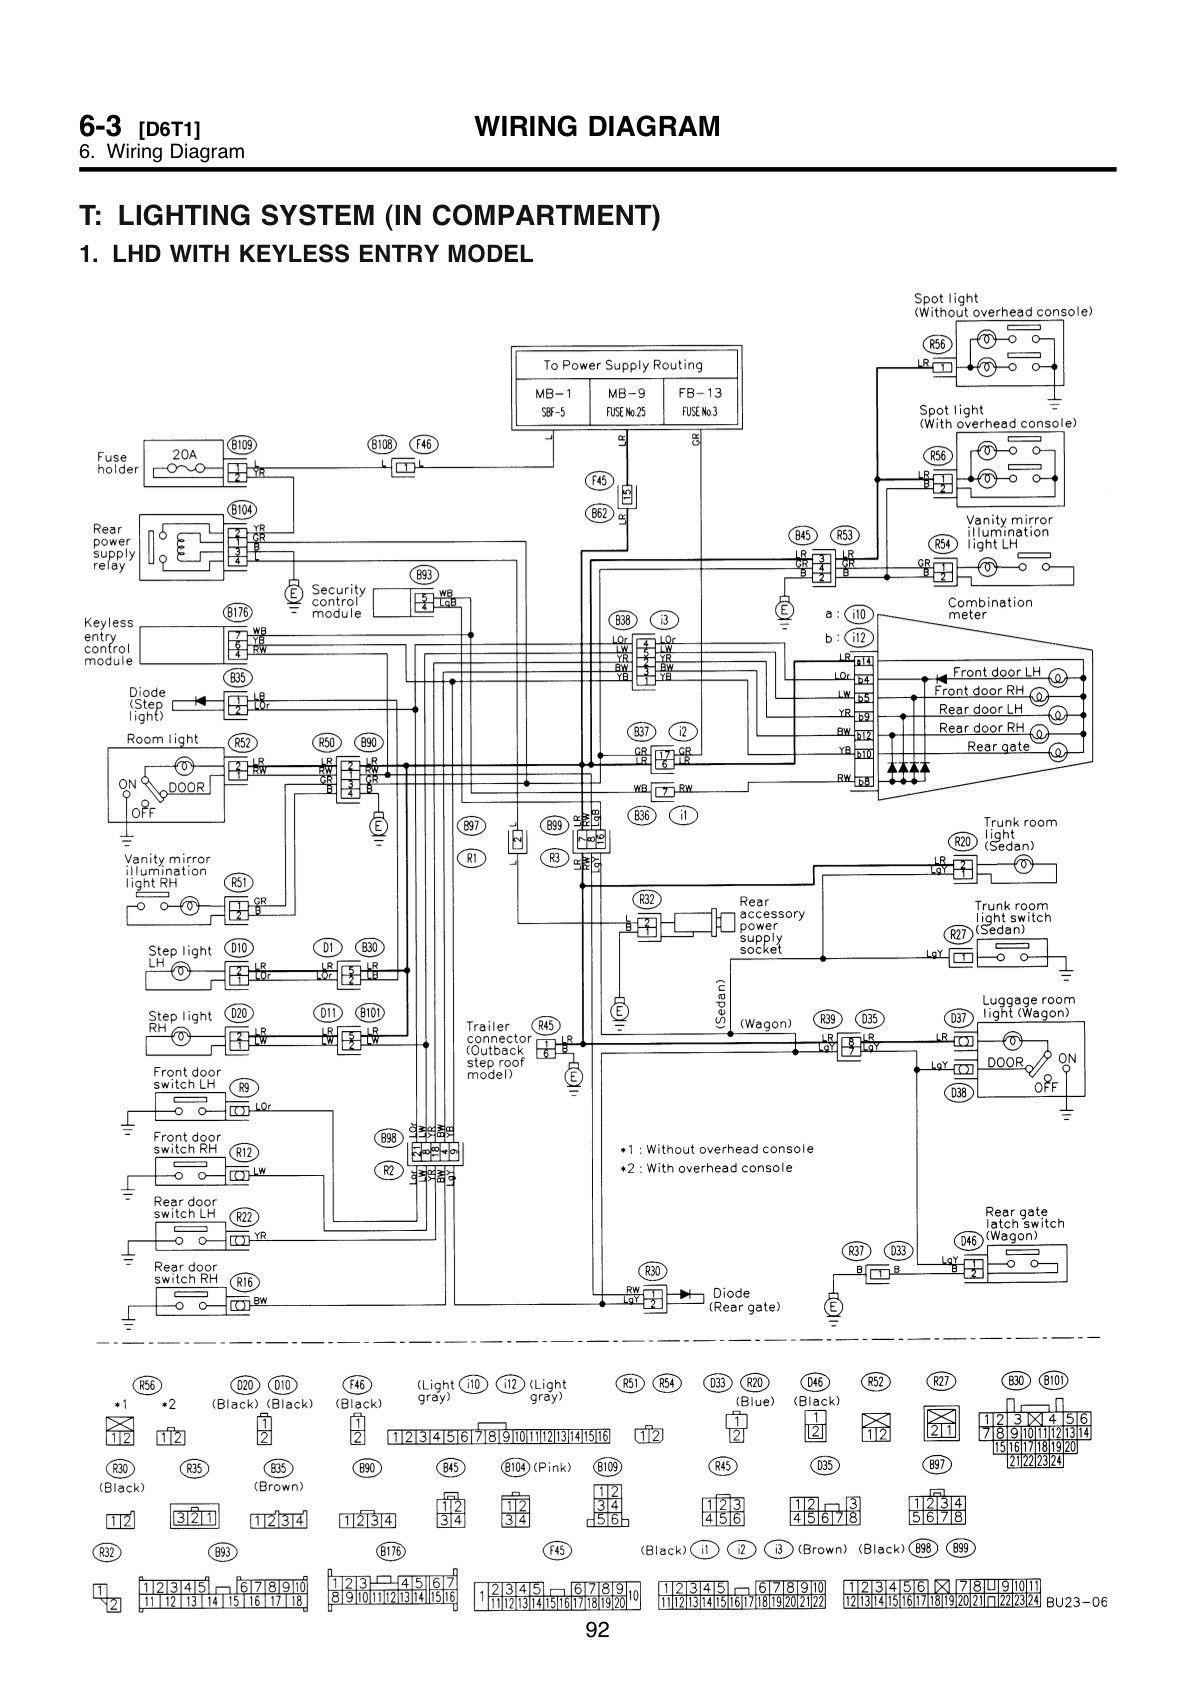 New Wiring Diagram For Subaru Car Radio  Diagram  Diagramtemplate  Diagramsample Check More At